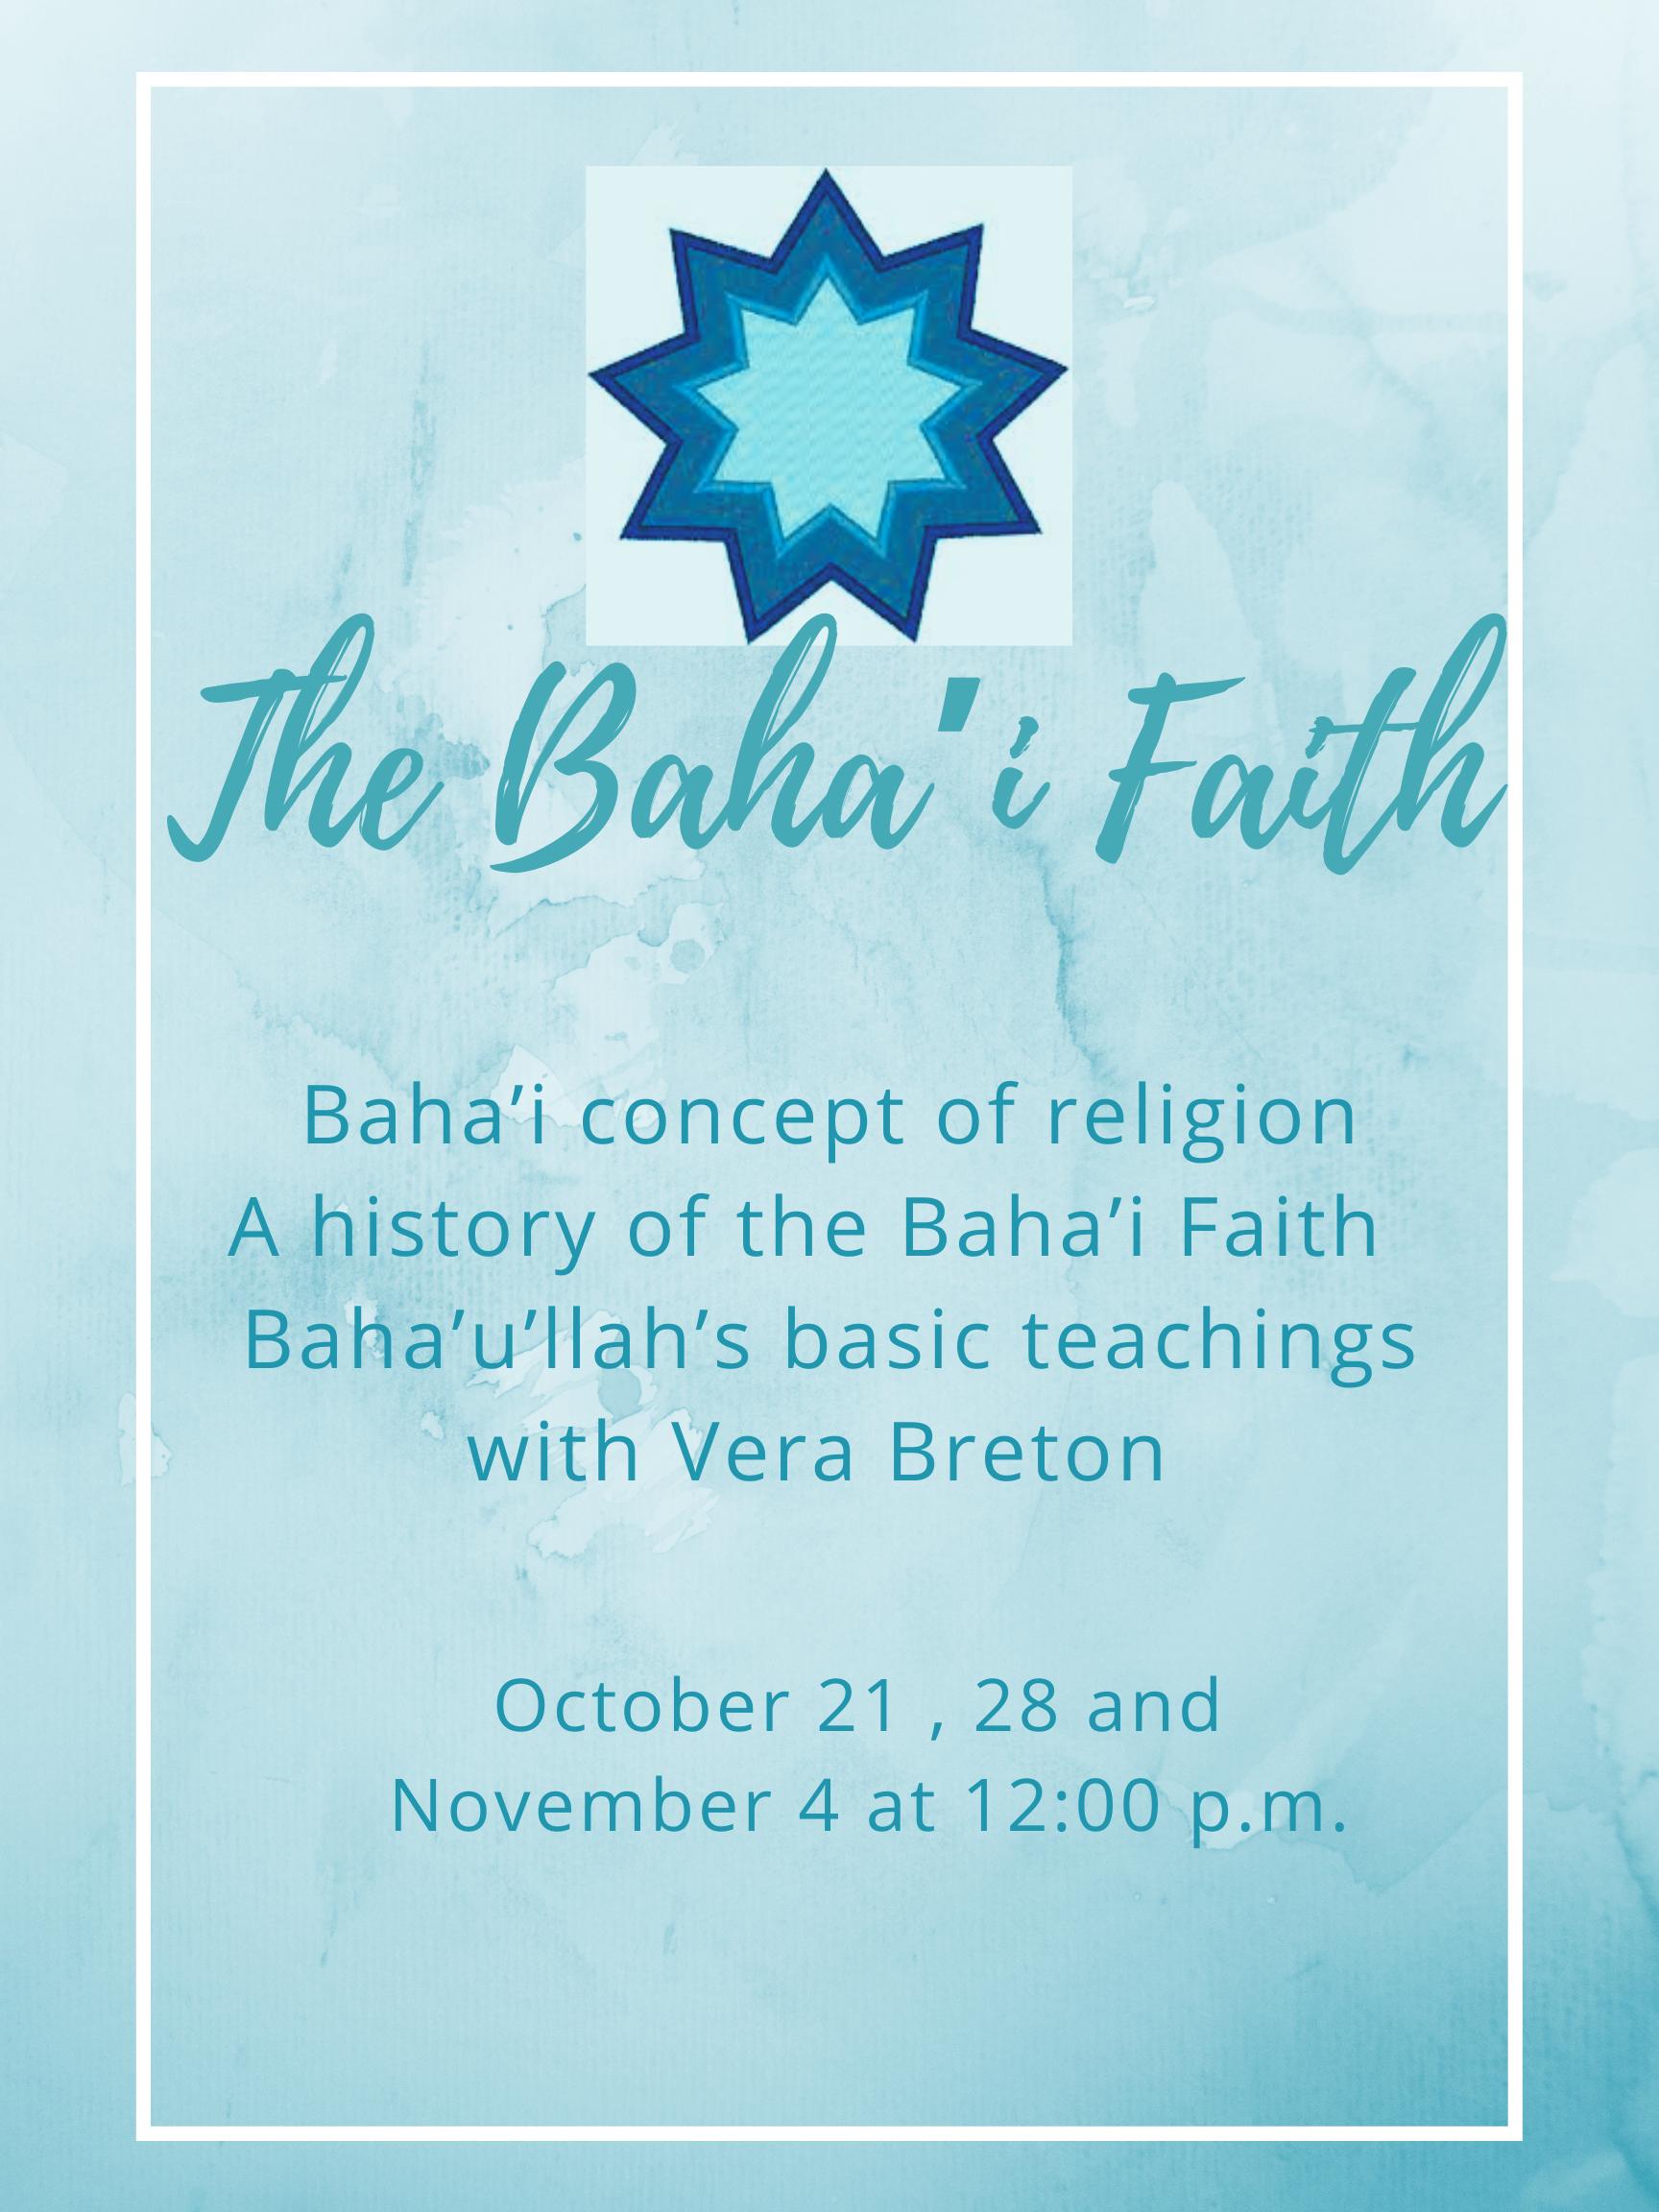 The Baha'i Faith:  A New Chapter in the Eternal Faith of God